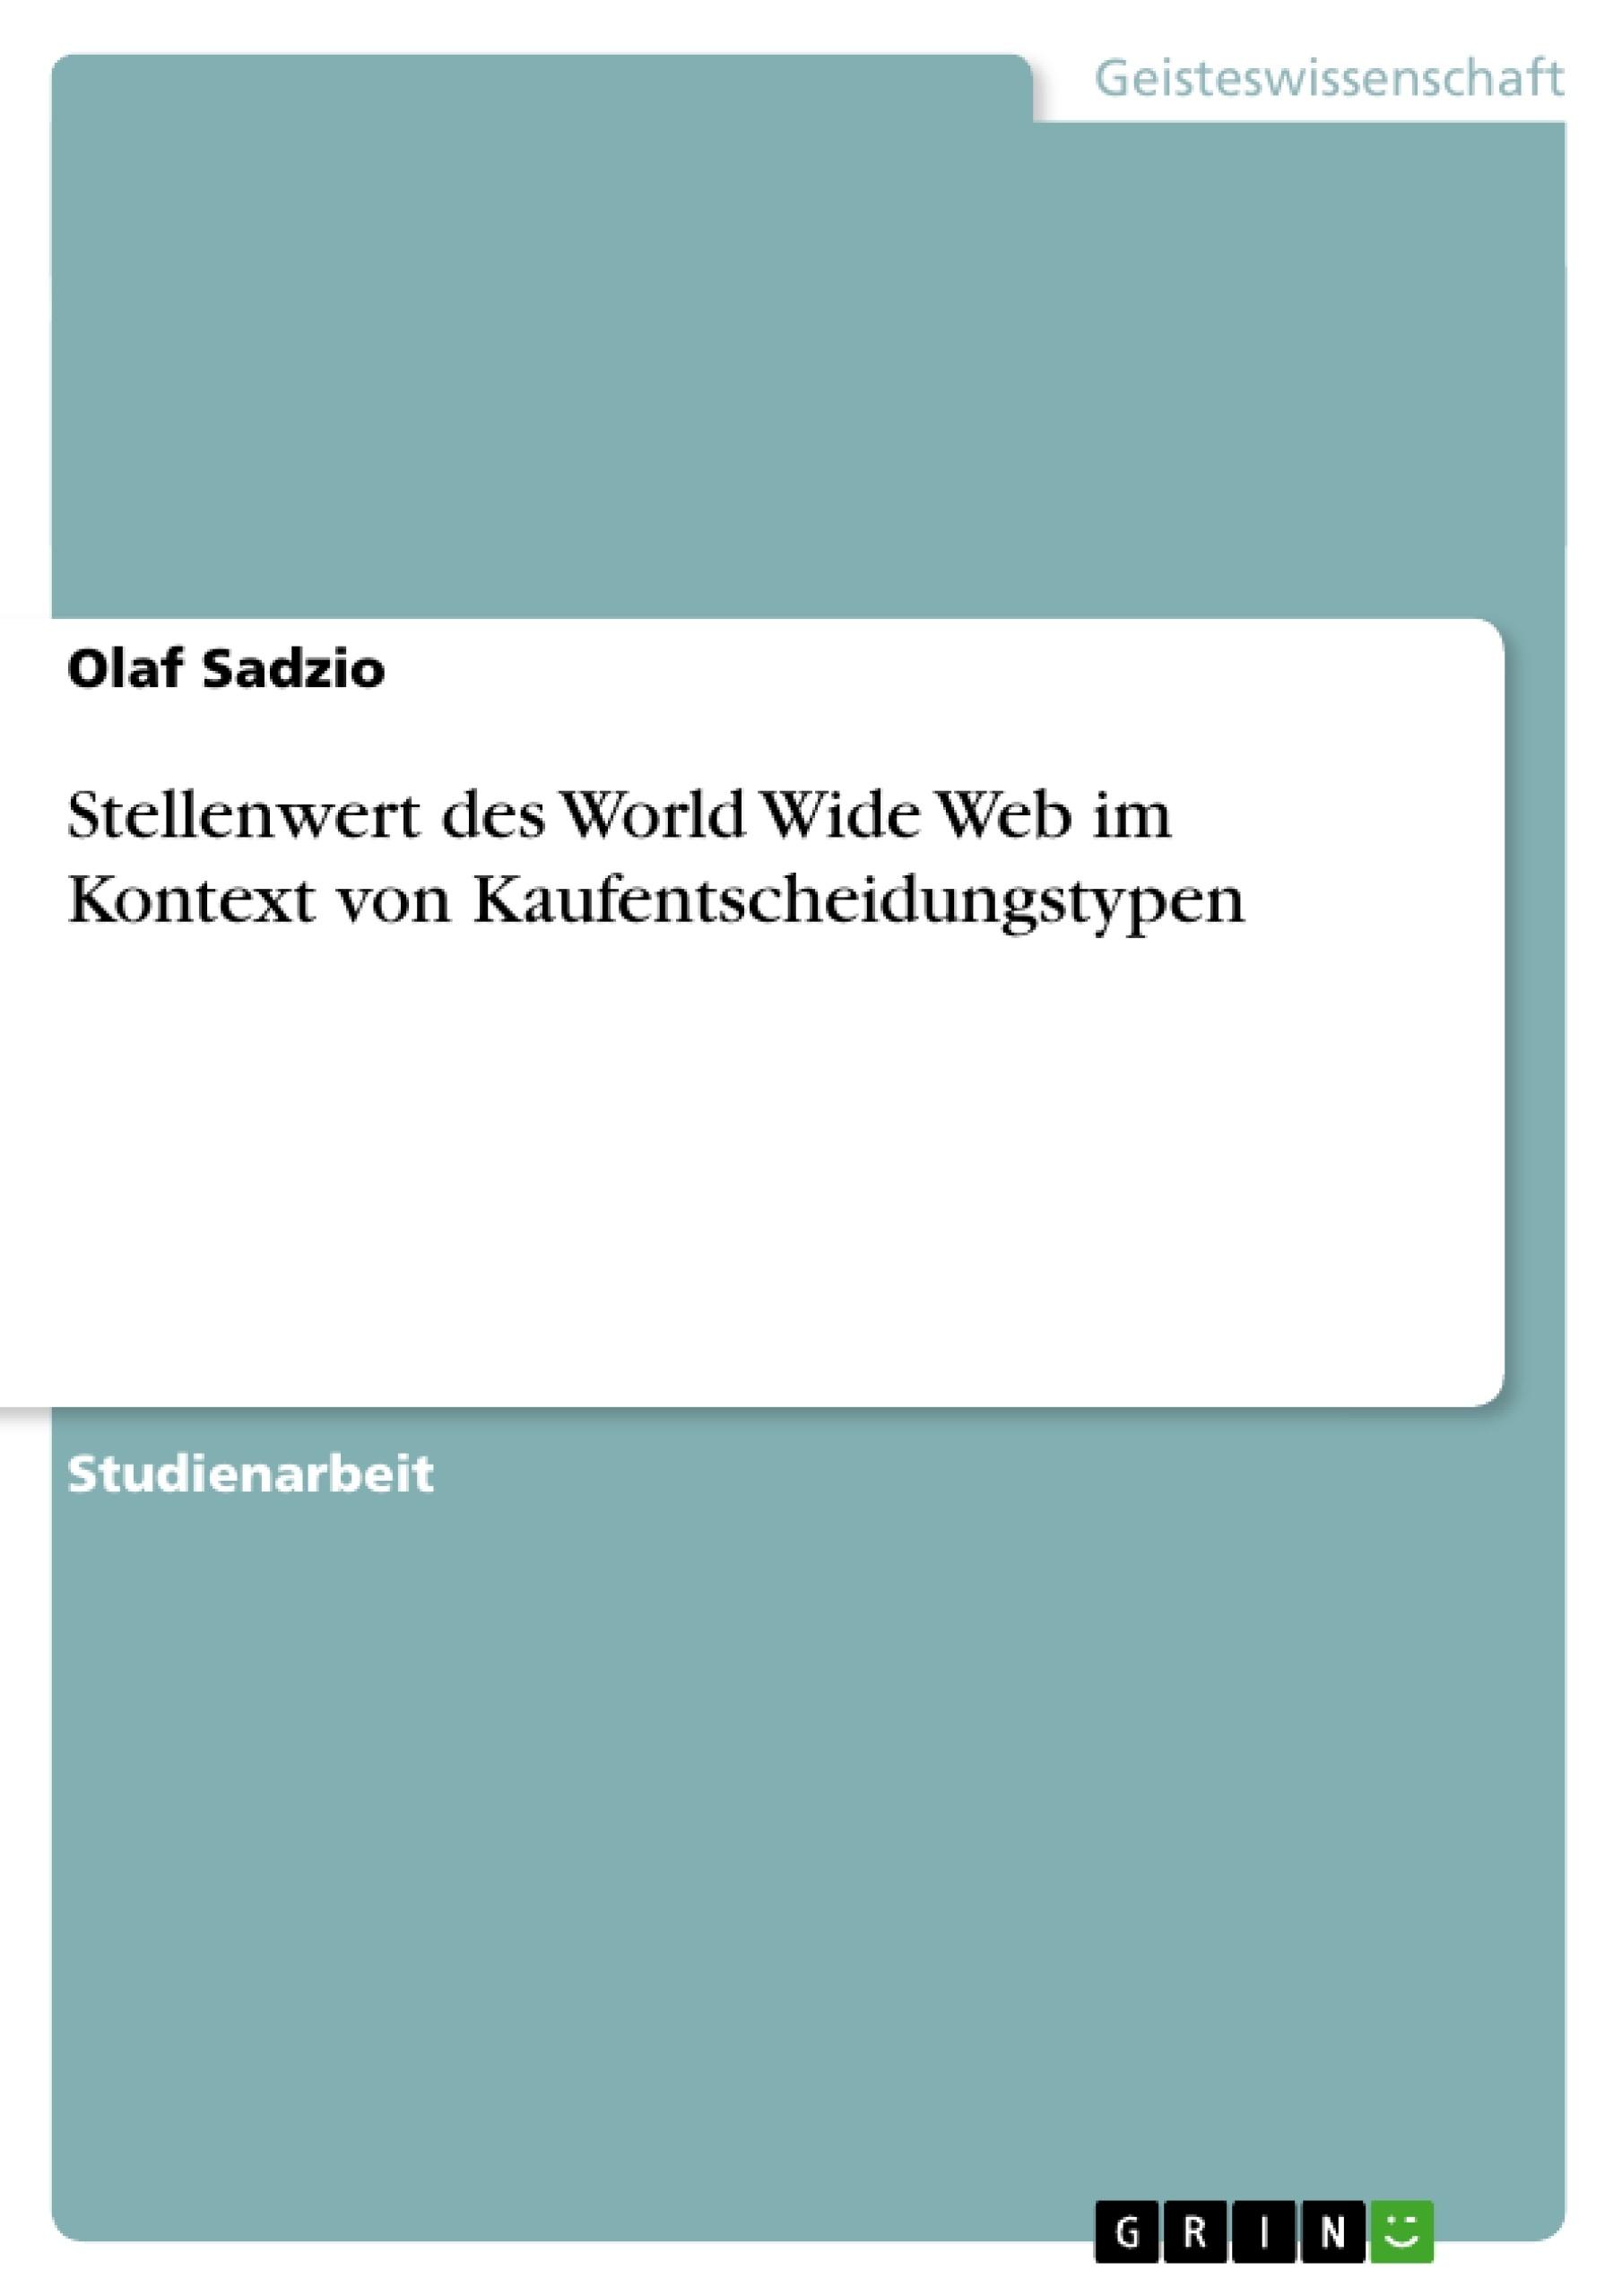 Titel: Stellenwert des World Wide Web im Kontext von Kaufentscheidungstypen